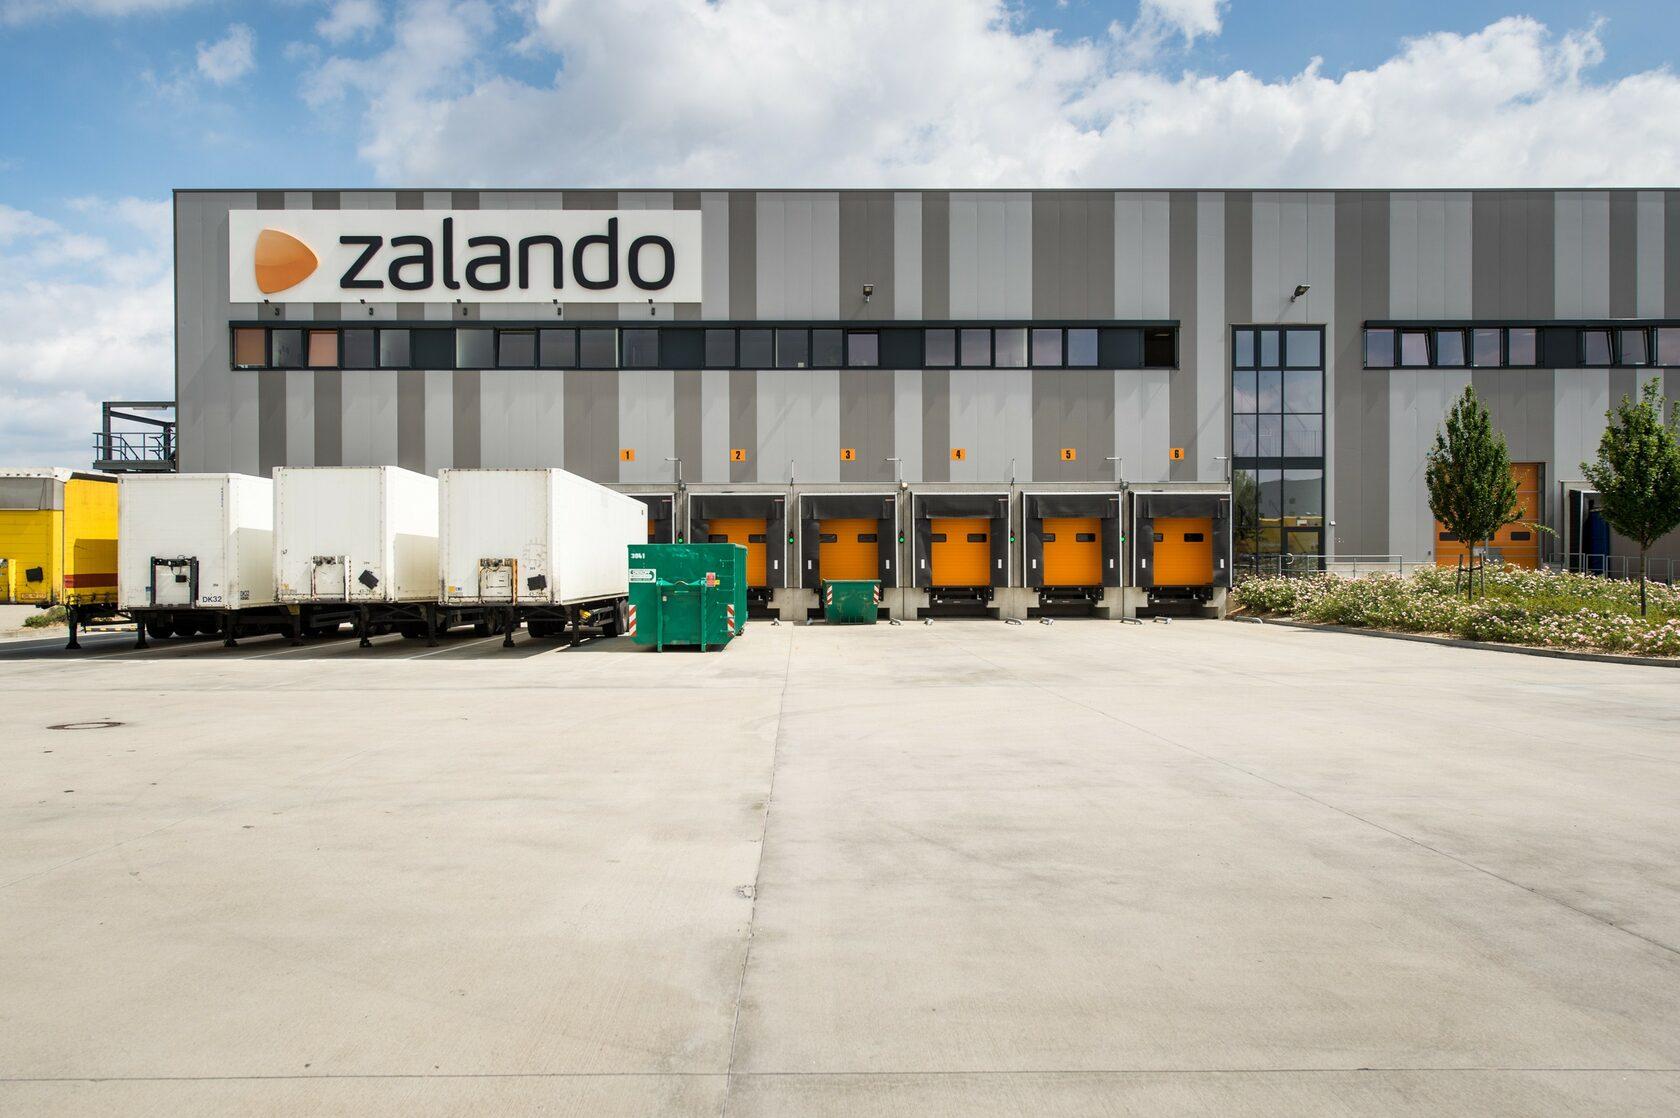 Отзывы о работе на складе Zalando